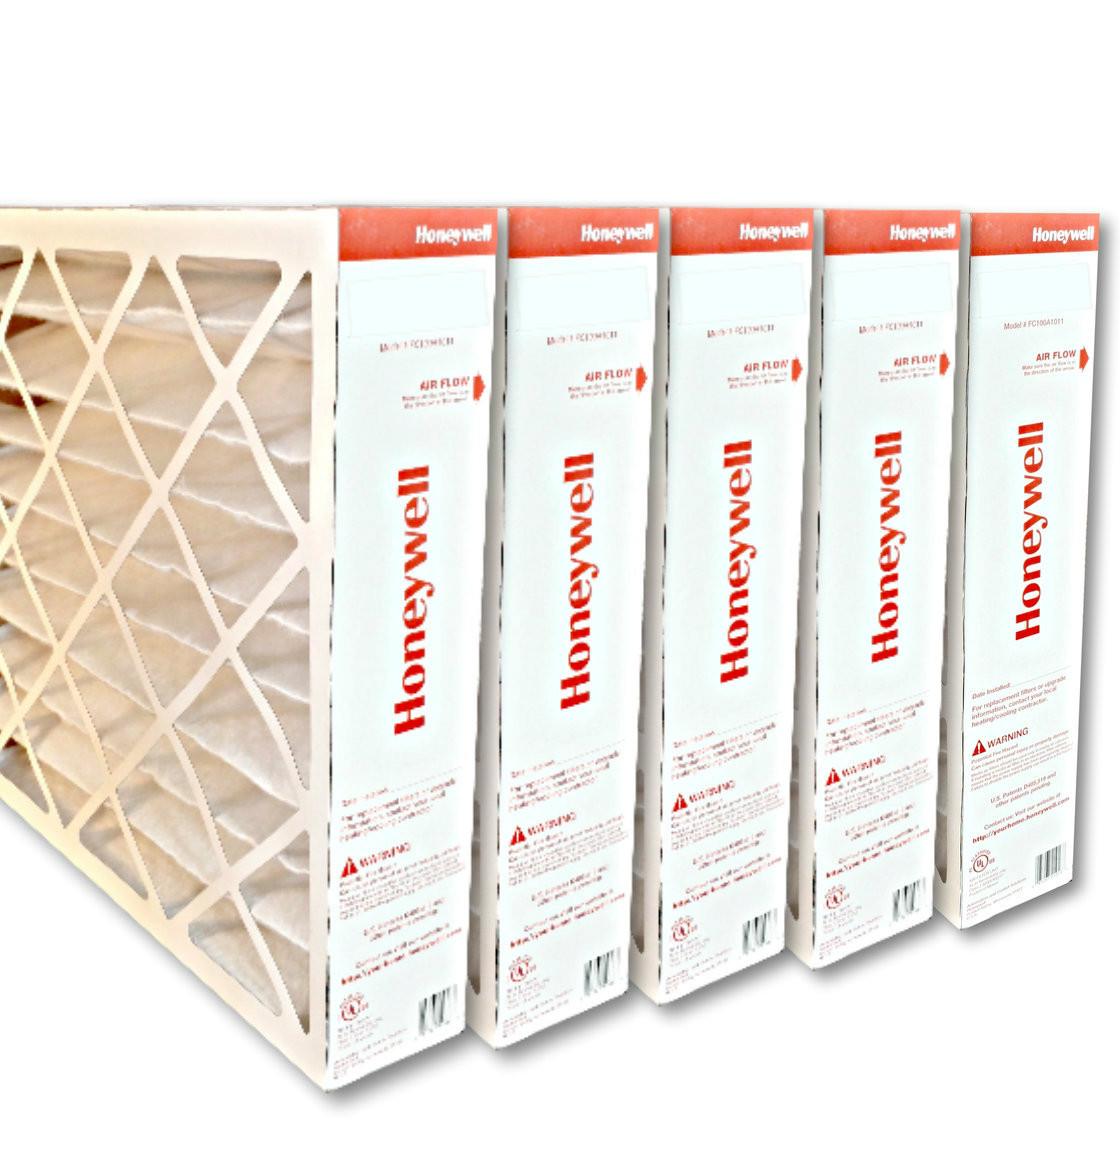 Honeywell FC100A1003 16X20 MERV 11 Media Air Filter